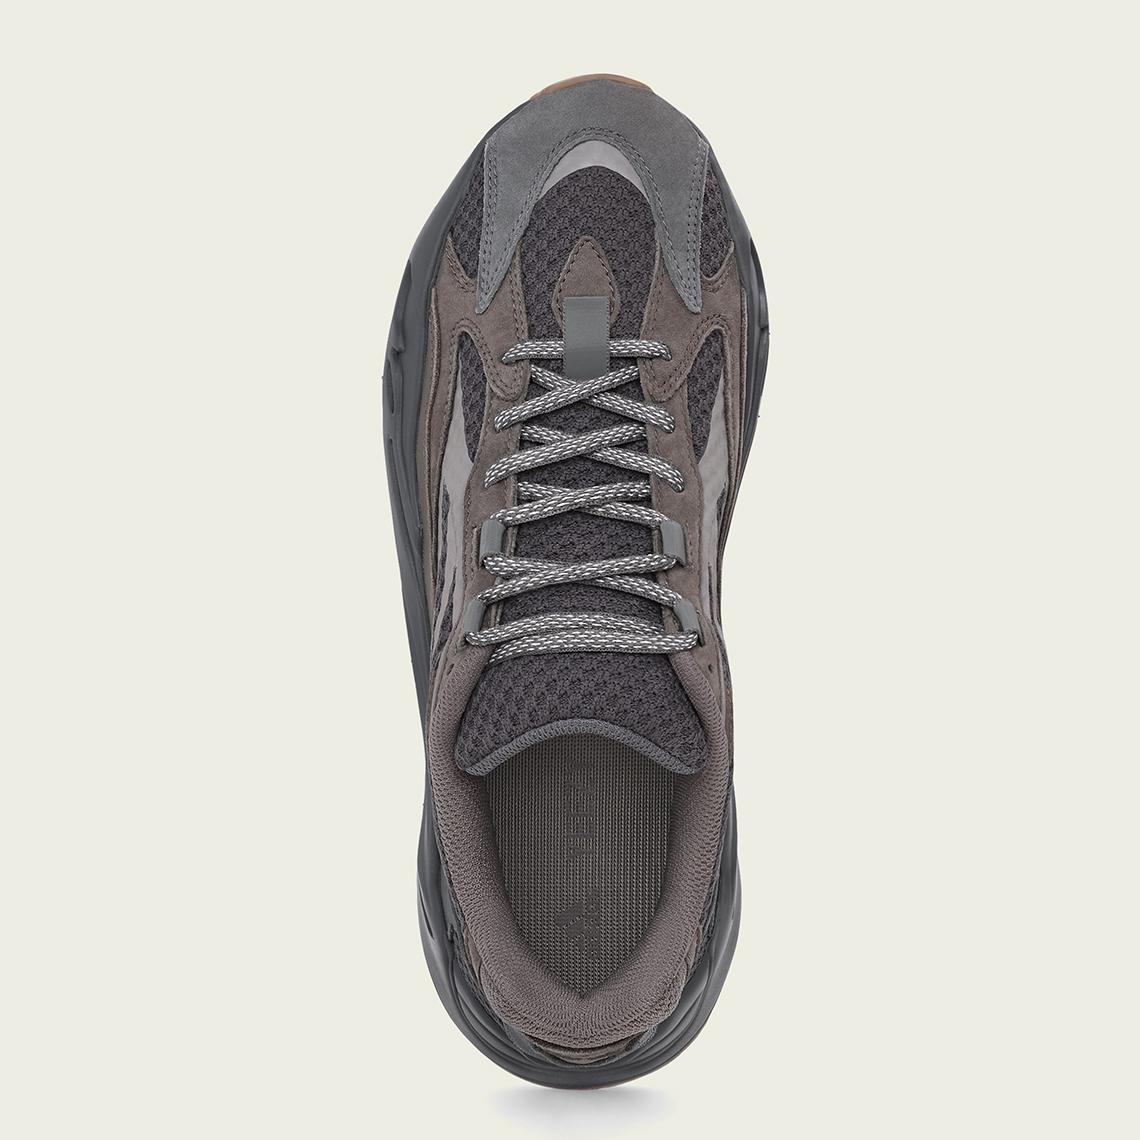 b5577d3b66b7a adidas Yeezy 700 v2 Geode EG6860 Release Date